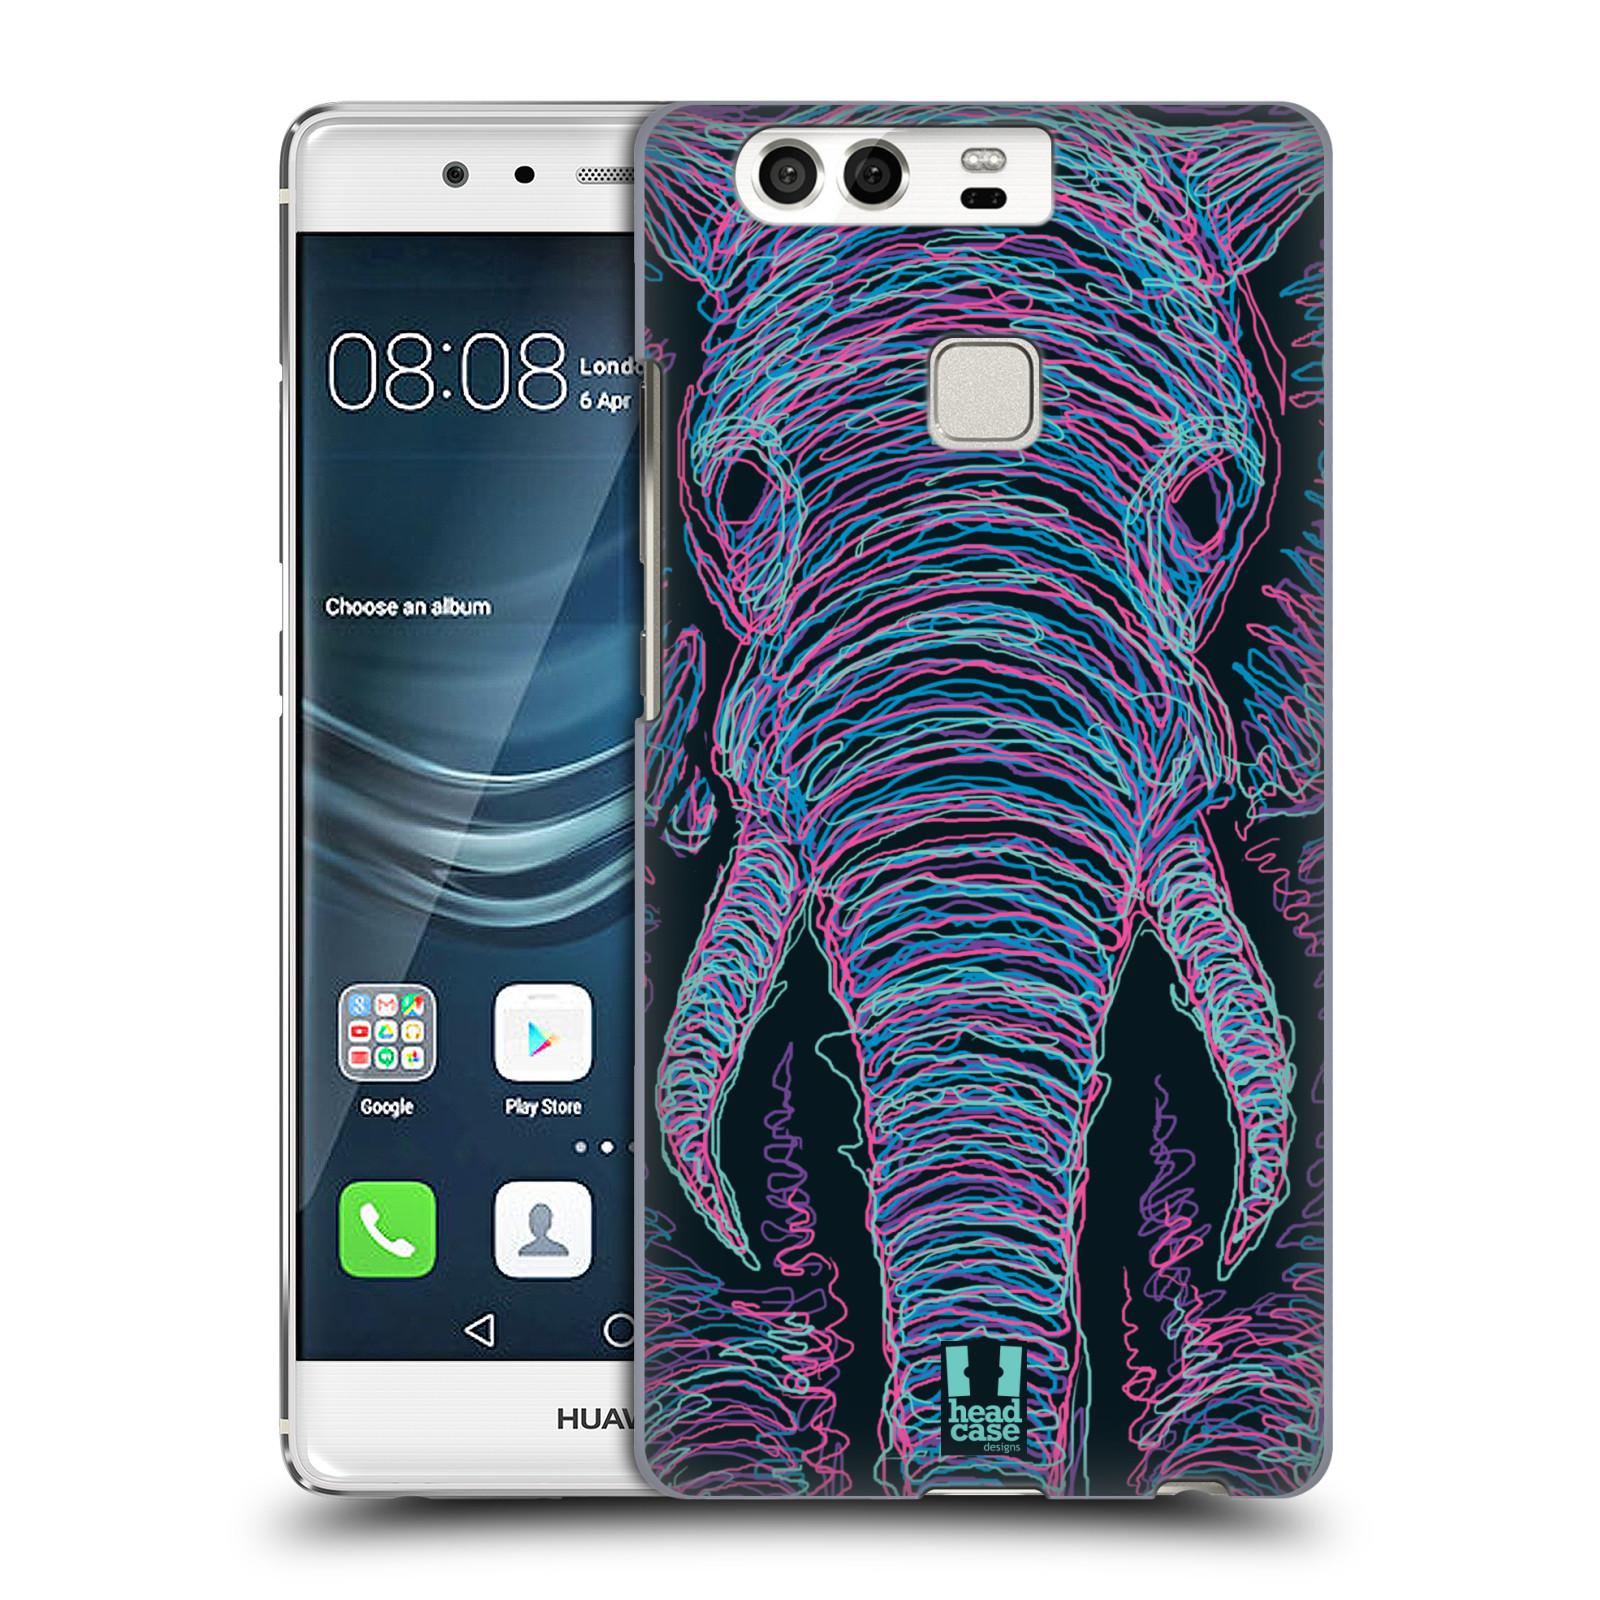 HEAD CASE plastový obal na mobil Huawei P9 / P9 DUAL SIM vzor zvíře čmáranice slon